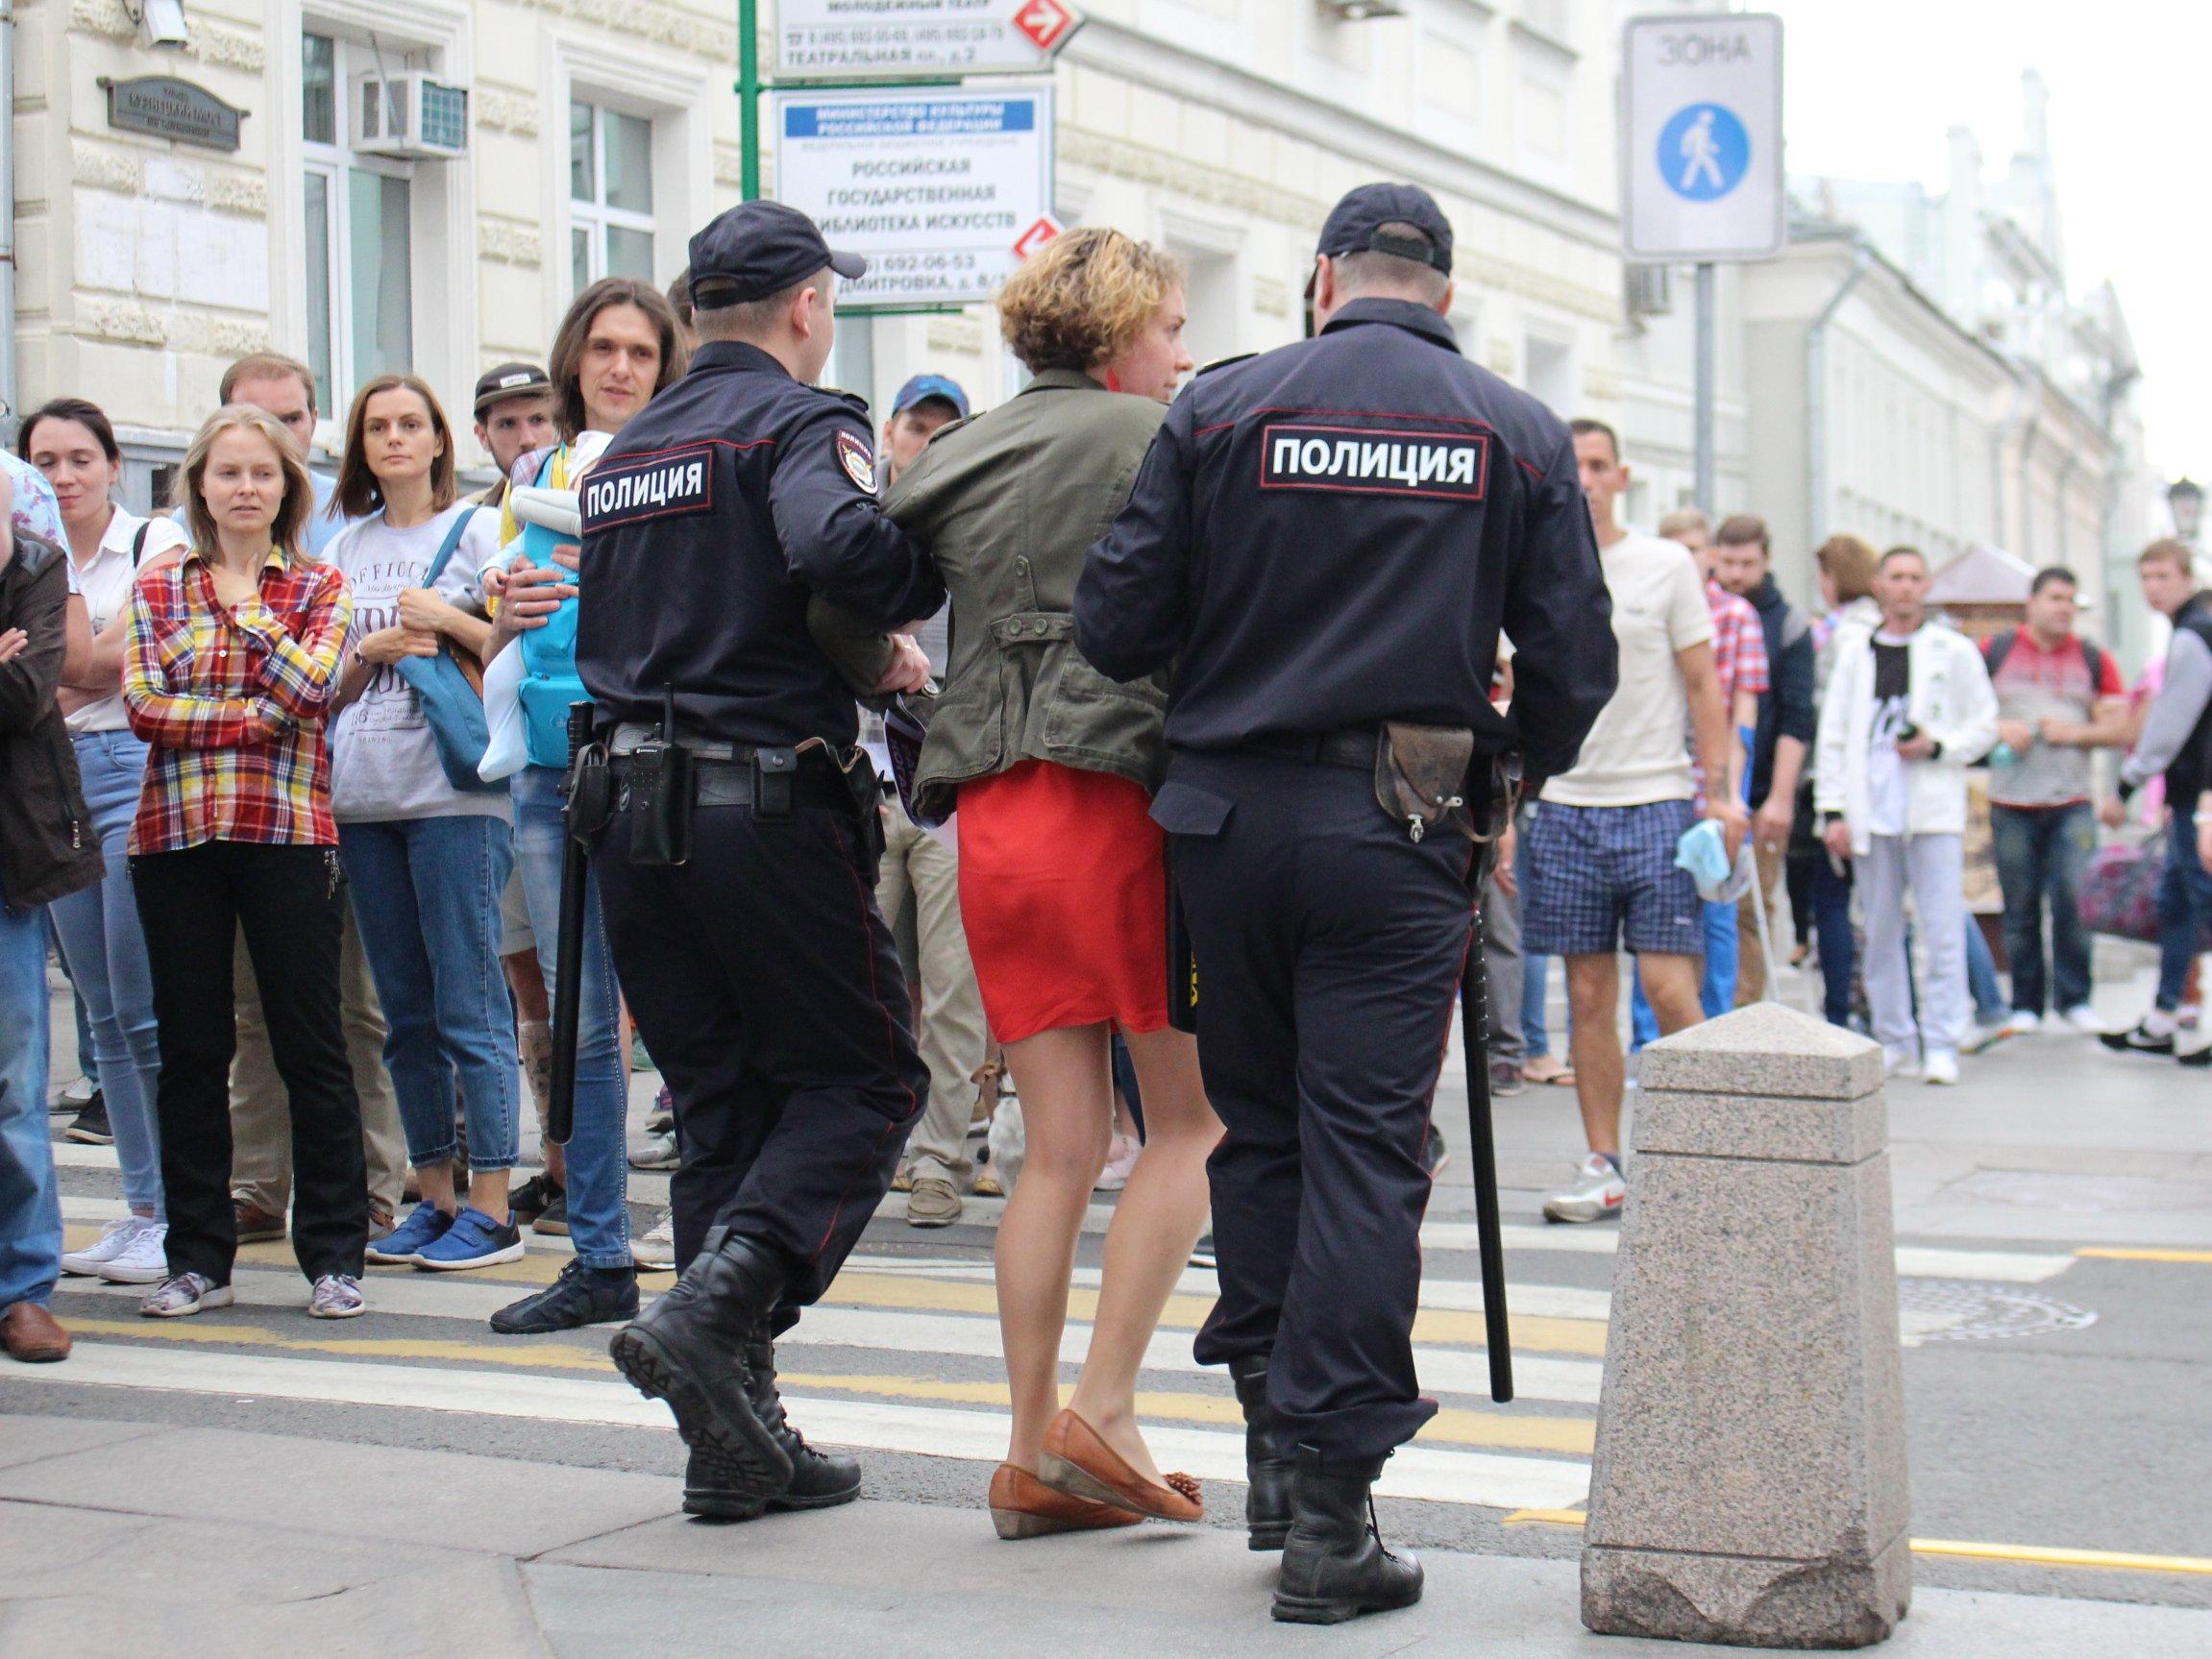 Неменее 150 человек задержаны вцентральной части Москвы заучастие внесанкционированной акции